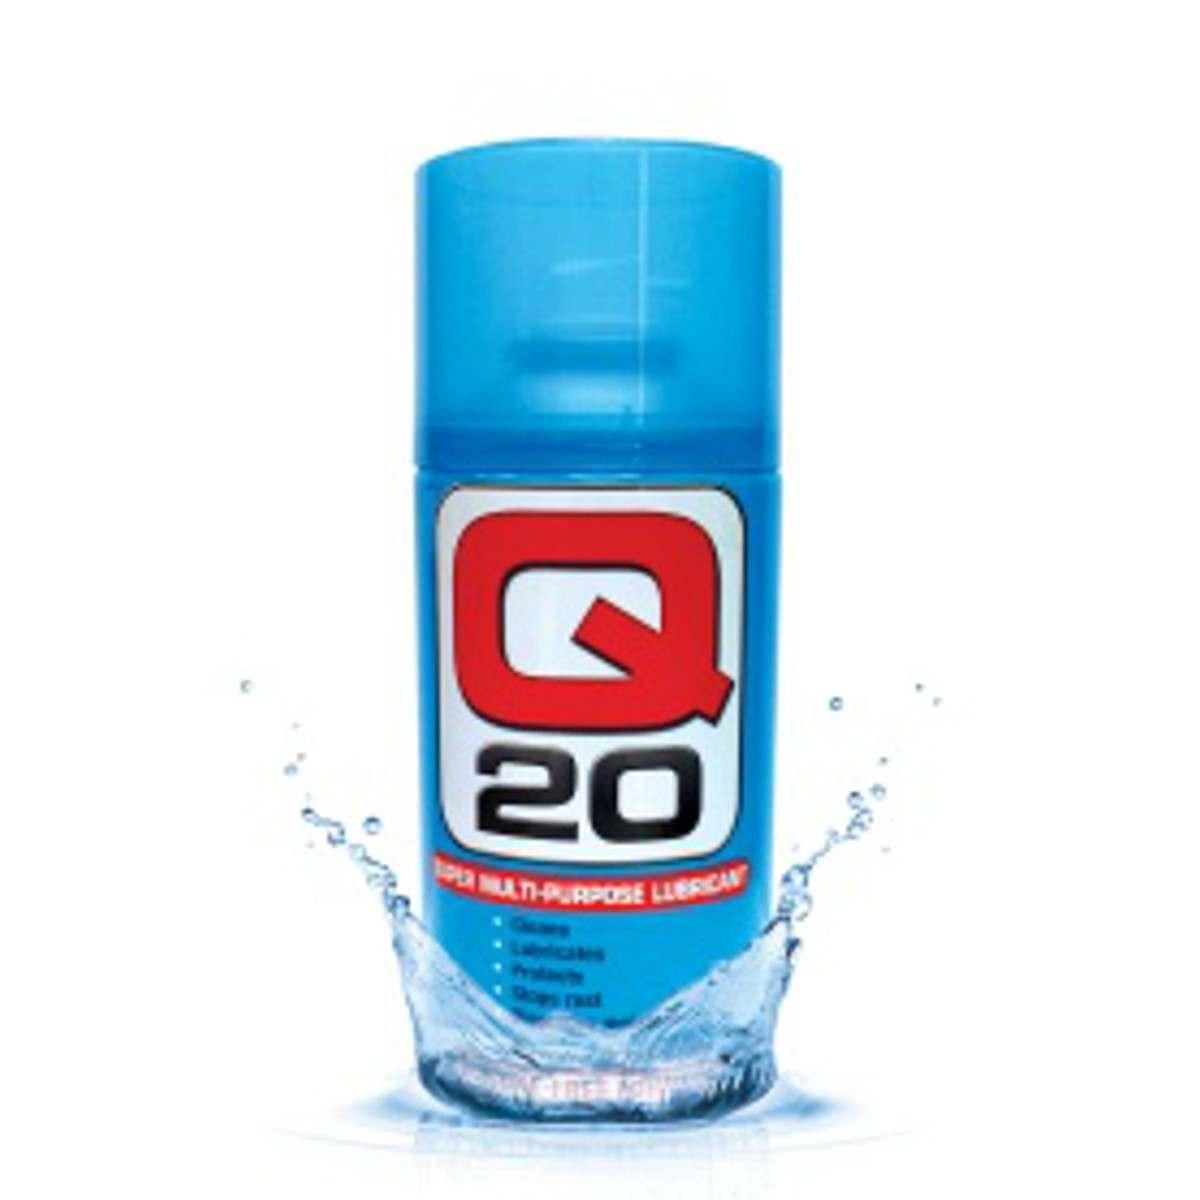 Q20 Super Multipurpose Lubricant 150ml